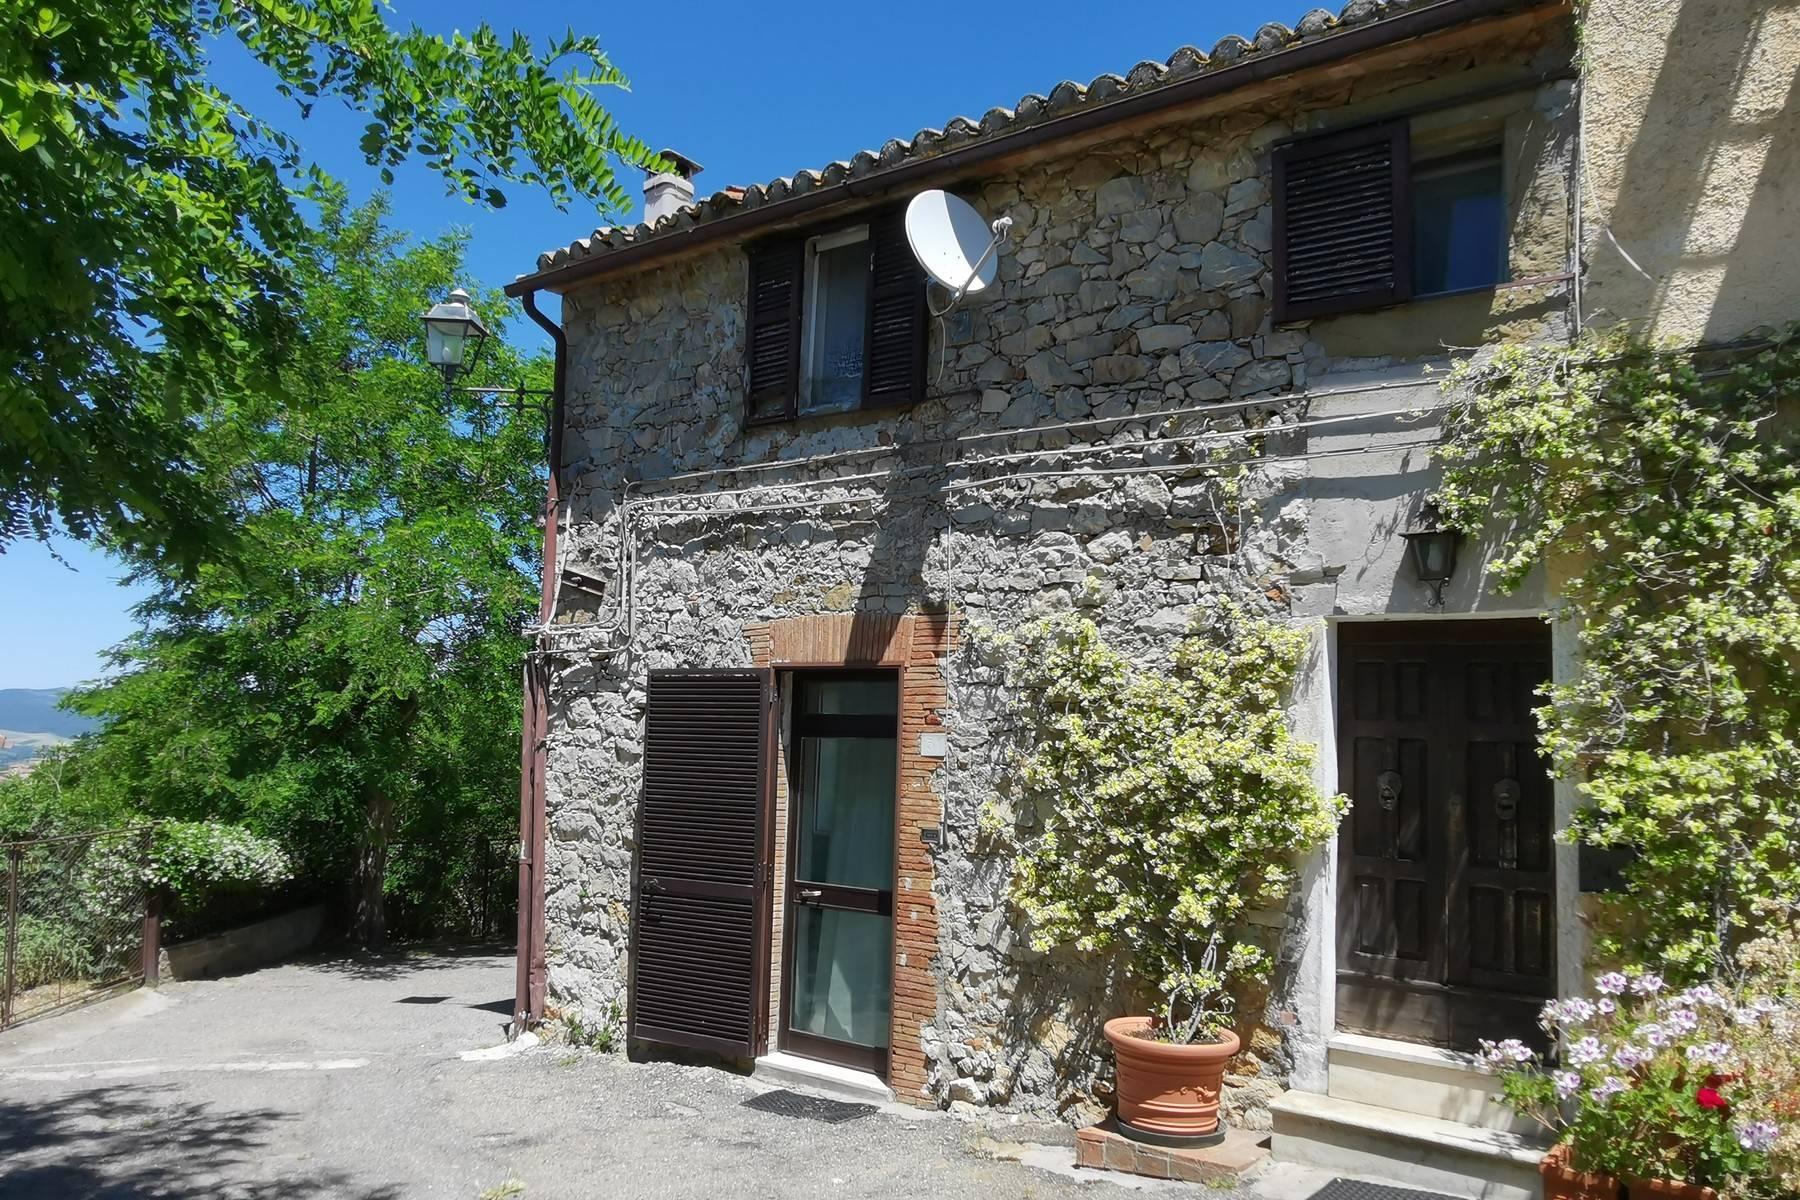 Casa indipendente in Vendita a Manciano: 5 locali, 240 mq - Foto 3